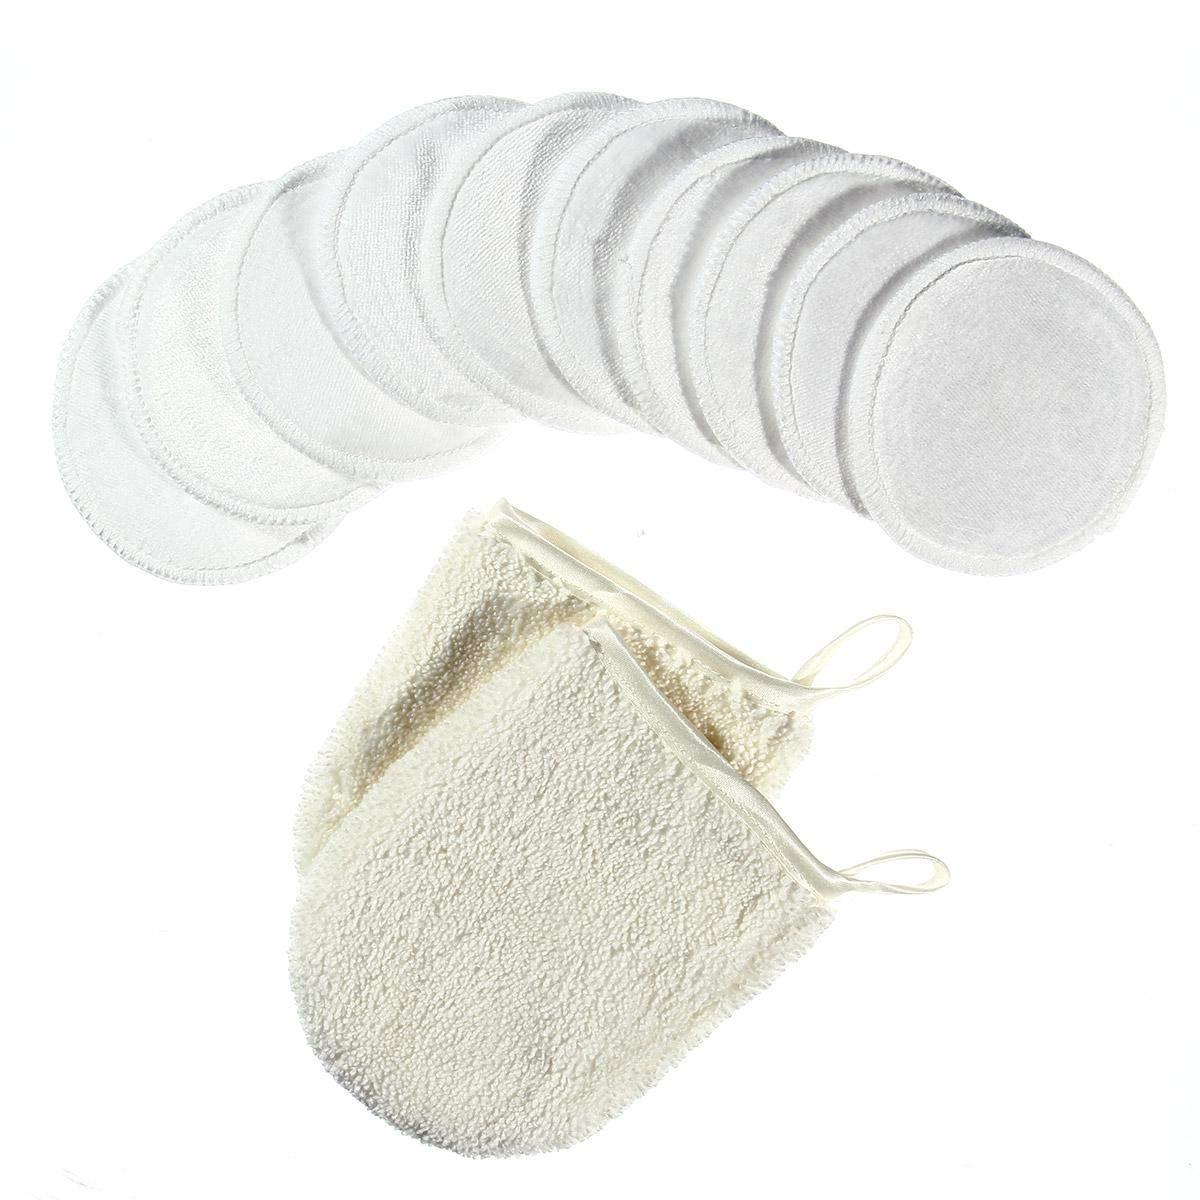 MOGOI 10 Pcs Tampons D/émaquillants Avec Sac De Rangement//lessive Et 2 Gants De Nettoyage Du Visage Rondelles De Coton Microfibre En Bambou R/éutilisables Organiques Pour Laver Le Visage